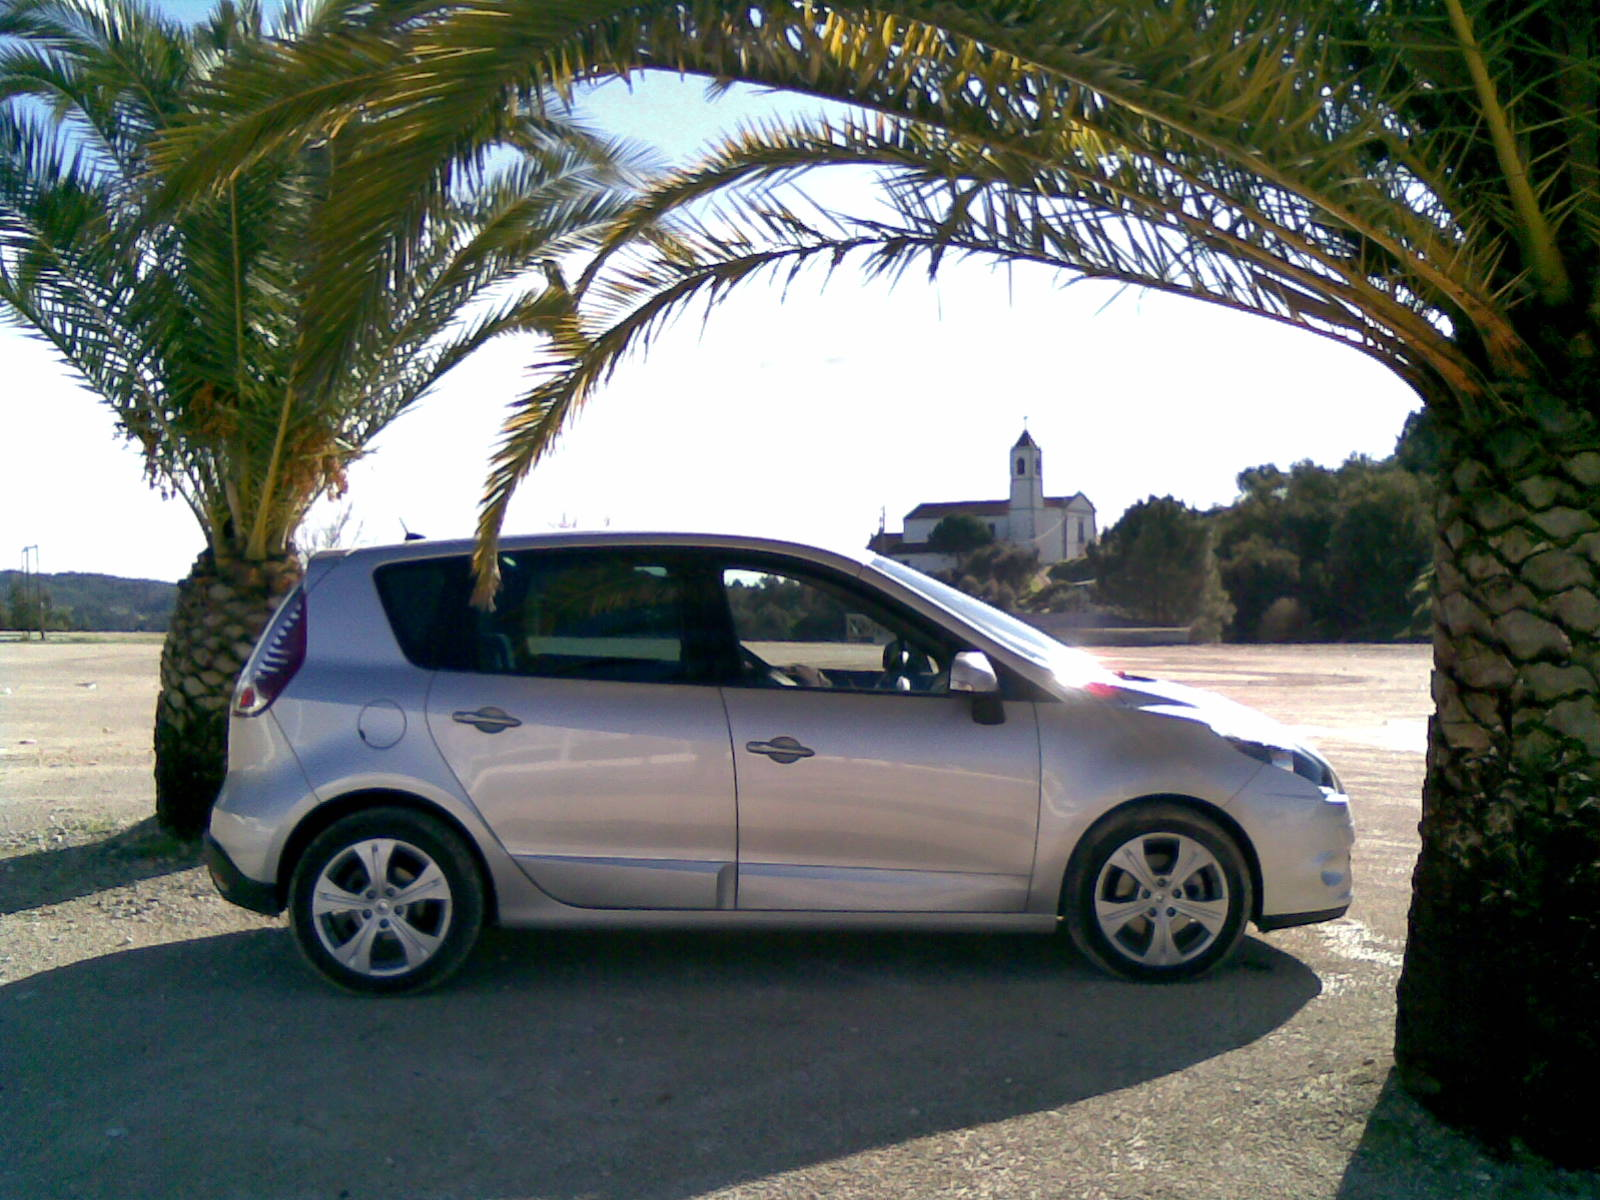 Renault Scénic 1.5 dCi 110 FAP Eco2 Dynamique S | AutoanDRIVE